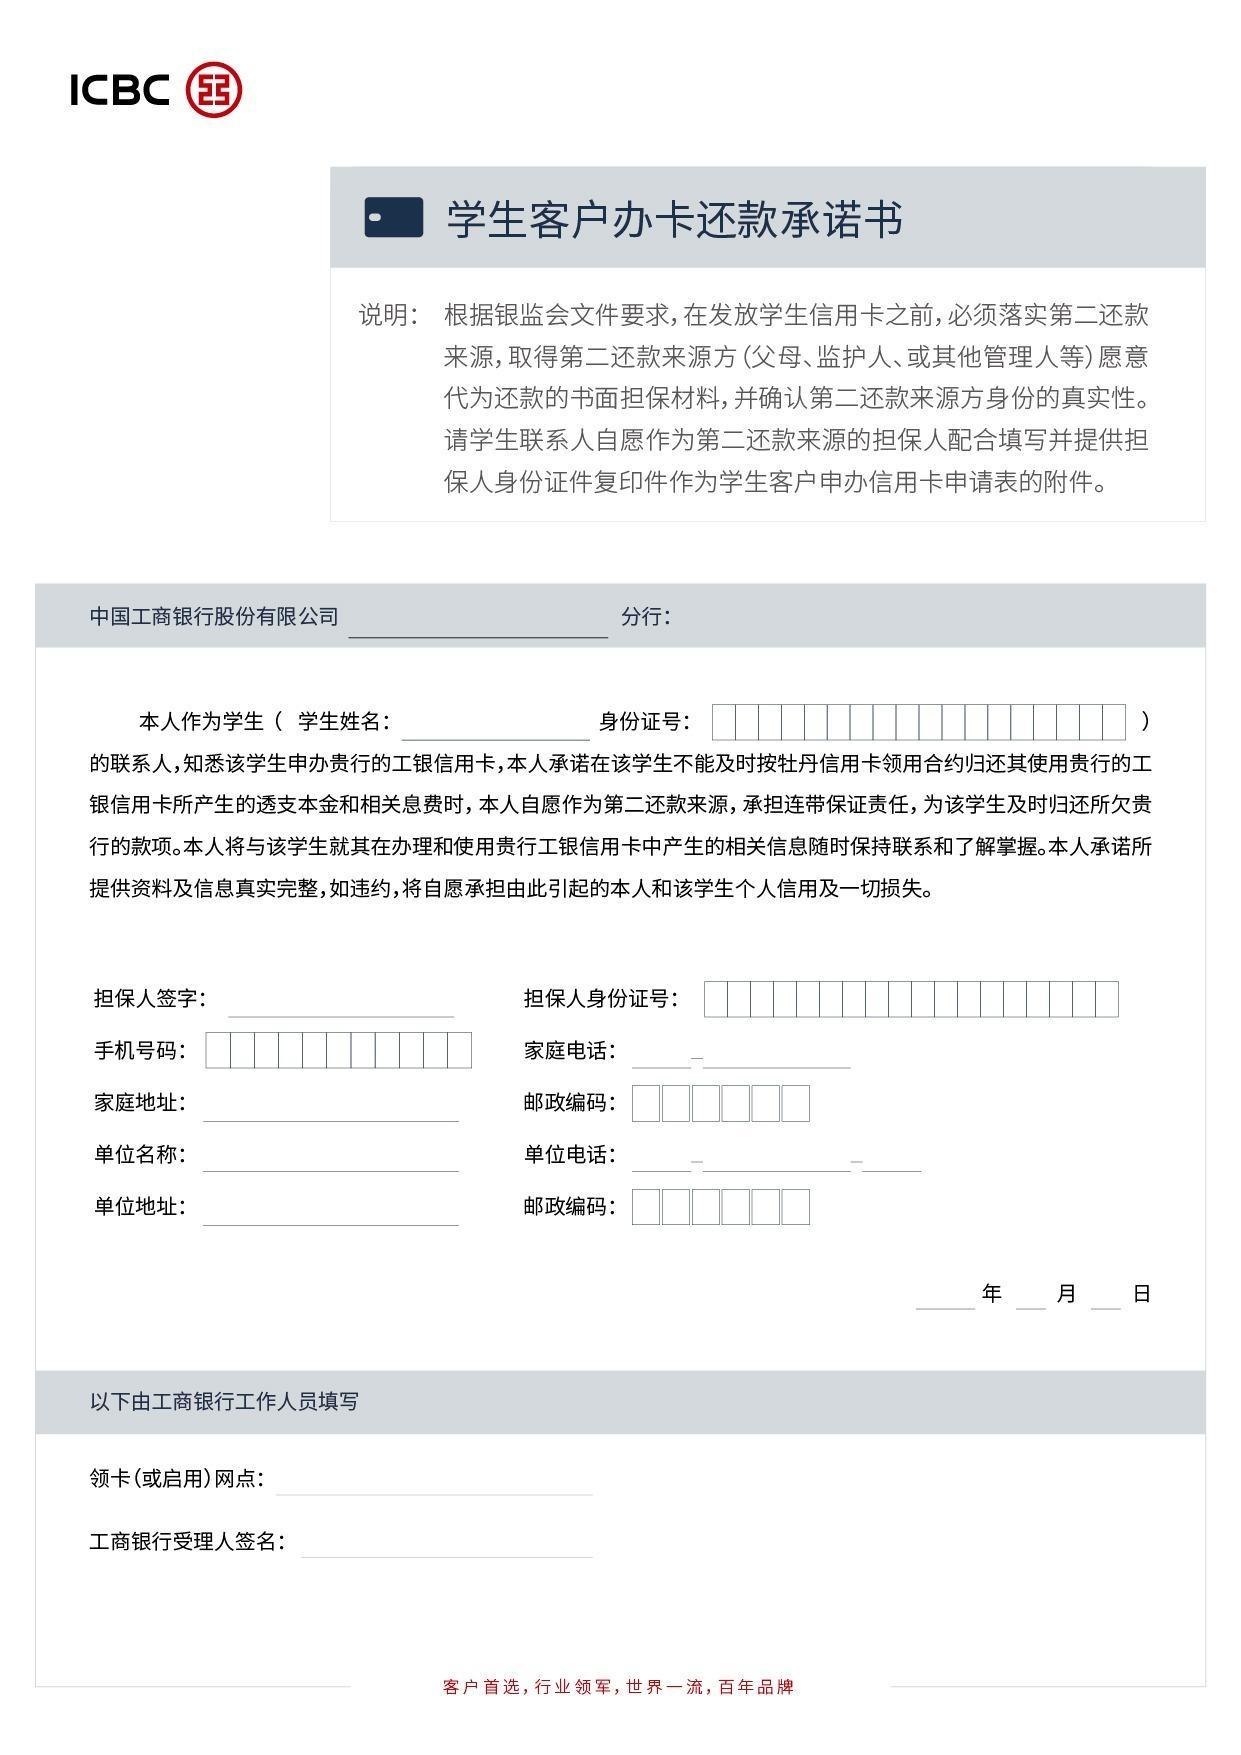 工商银行大学生信用卡白名单V1.11